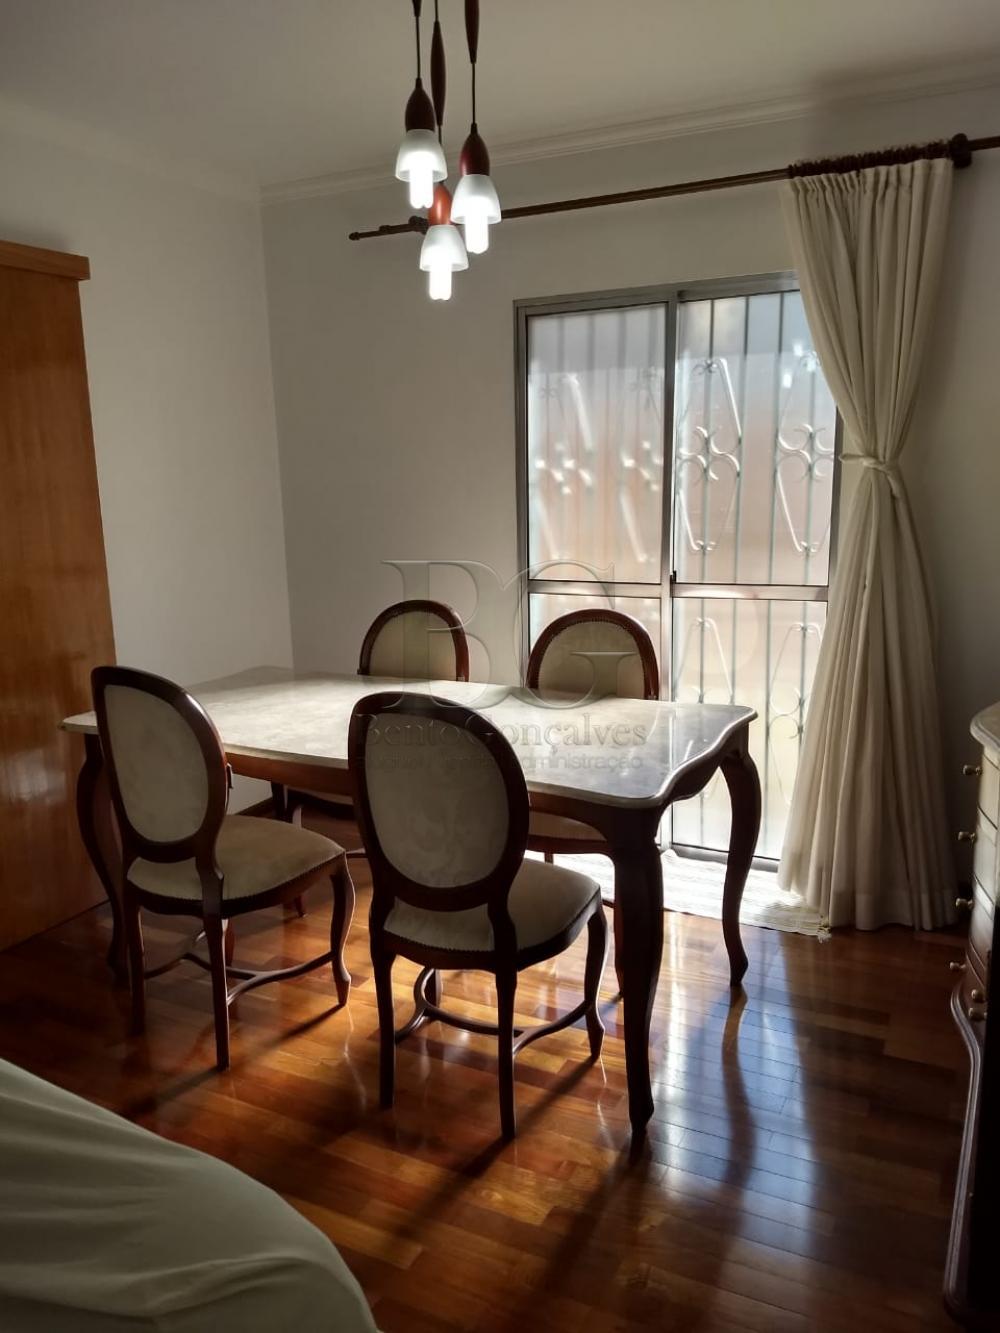 Comprar Apartamentos / Padrão em Poços de Caldas apenas R$ 270.000,00 - Foto 3